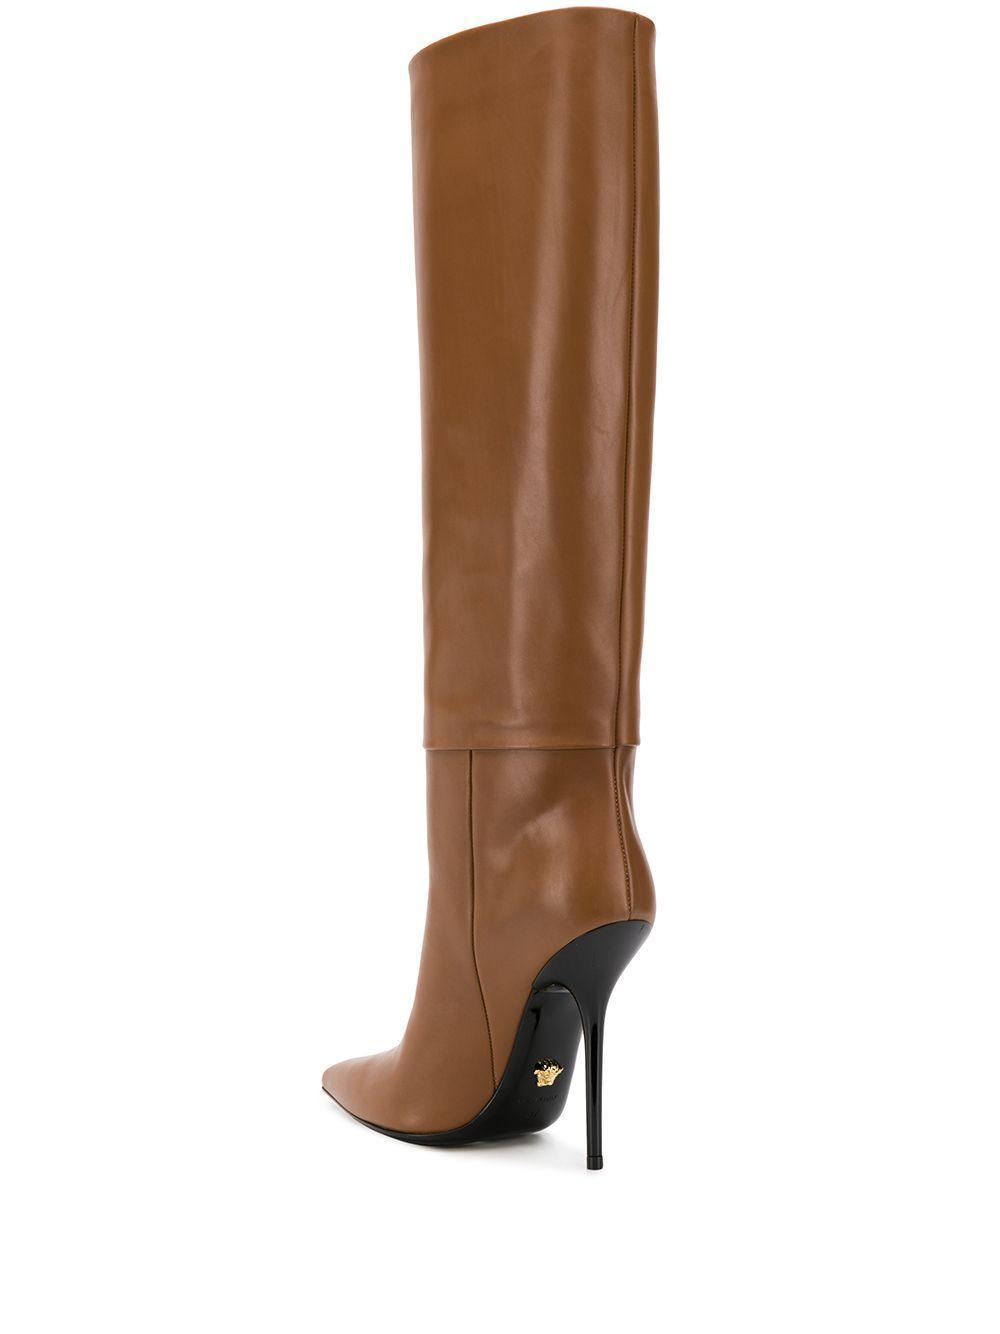 Botas altas de tacón stiletto Versace de Cuero de color Marrón